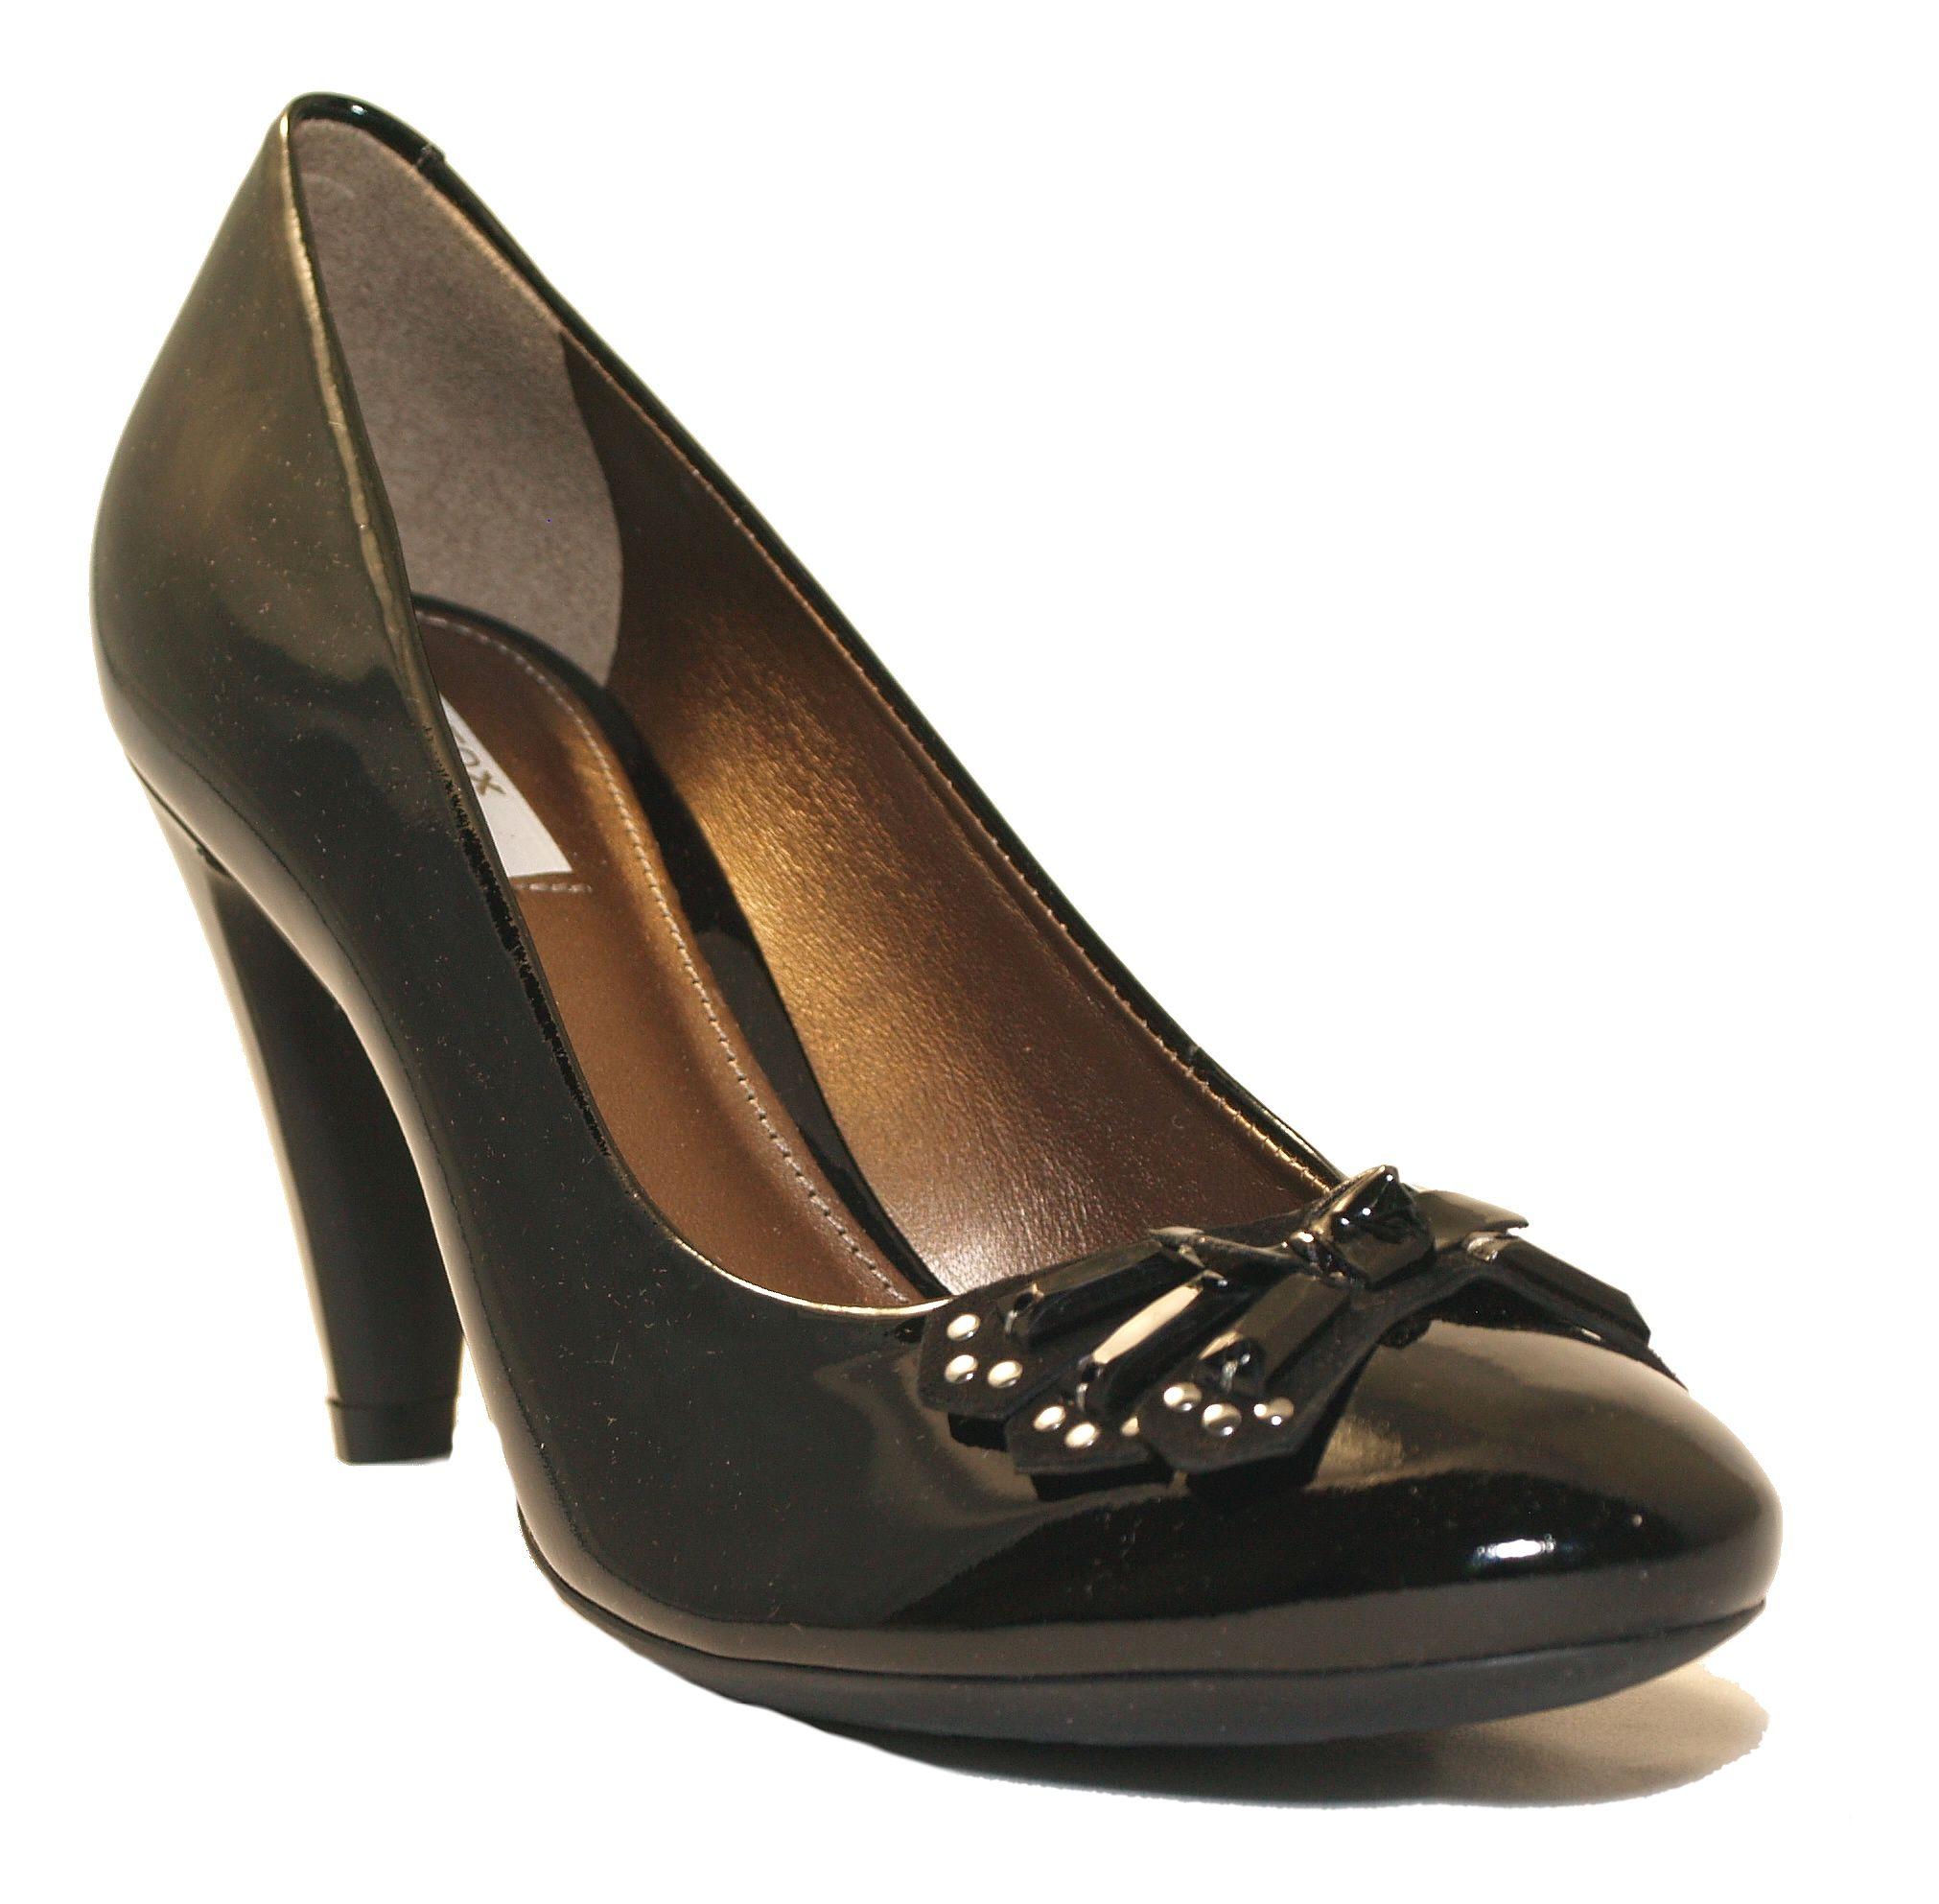 Pantofi Geox Lac